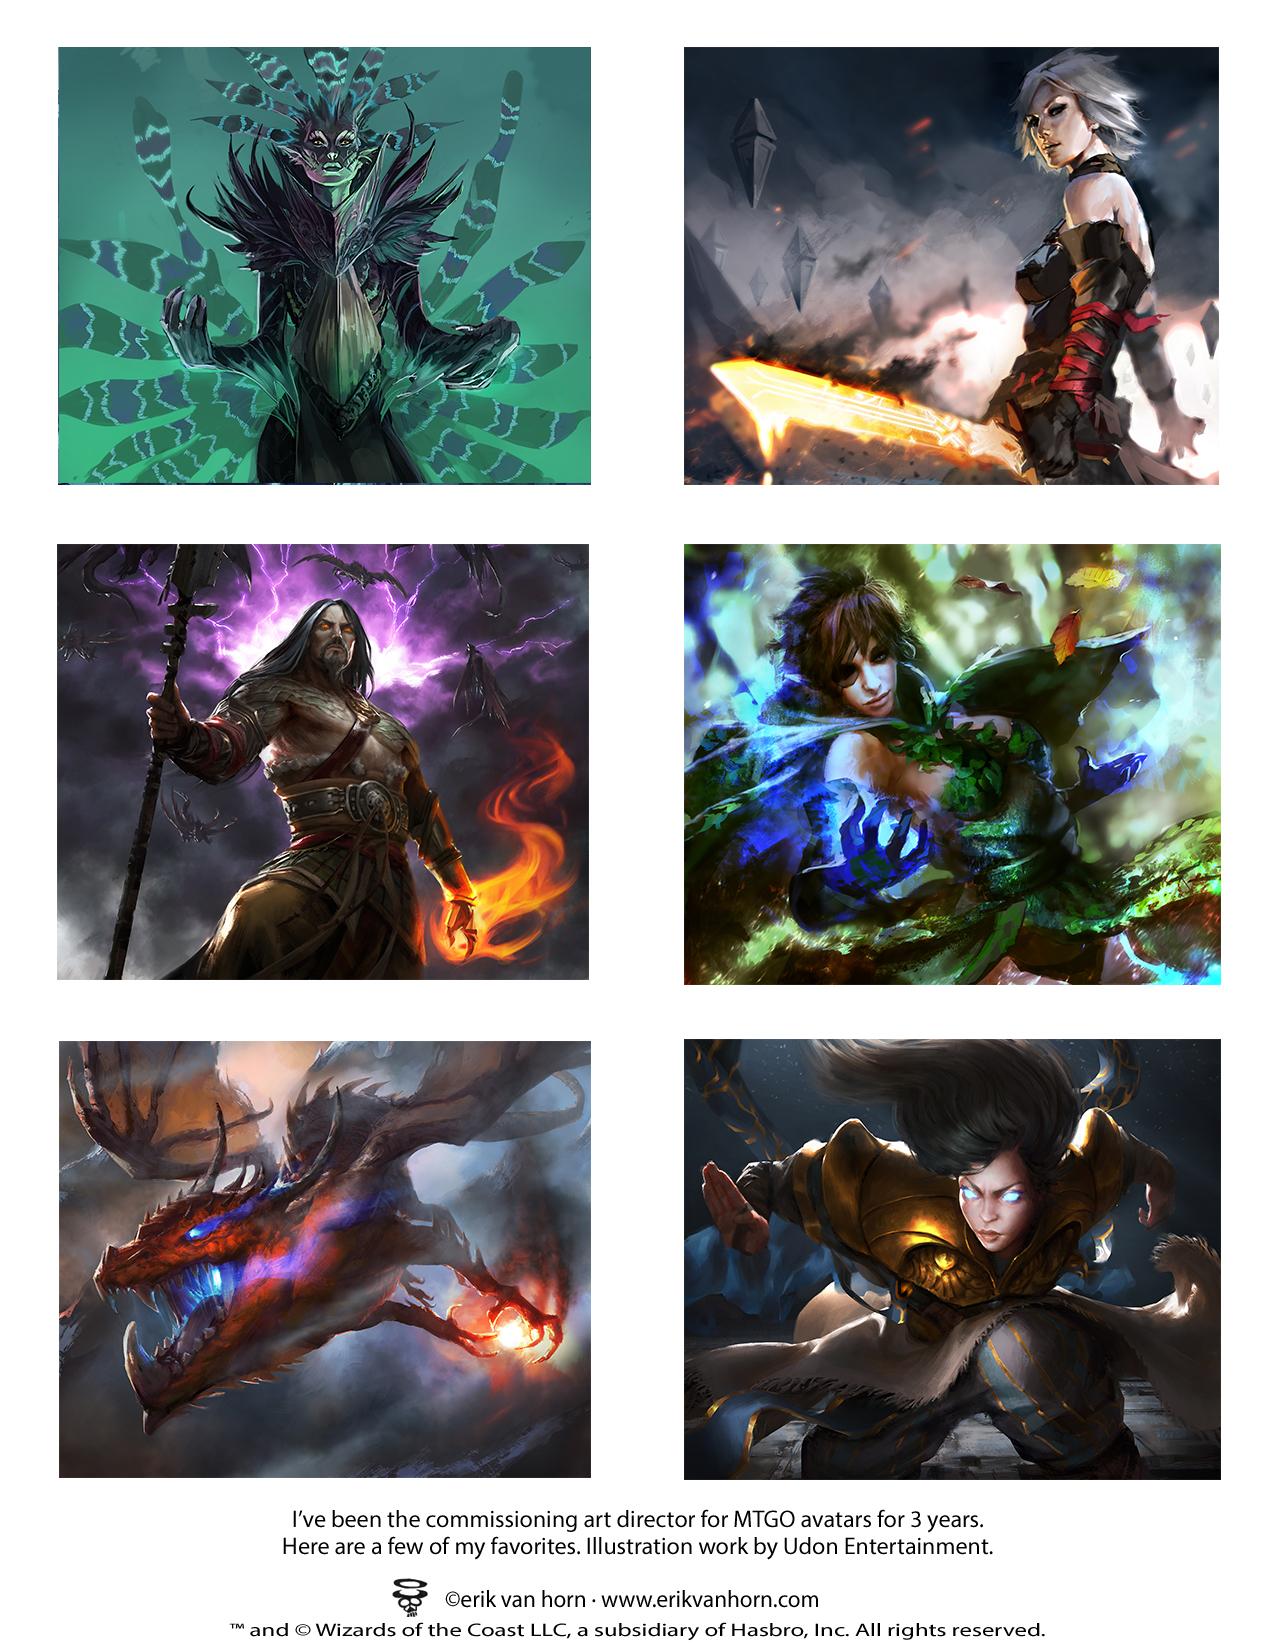 MTGO Avatars